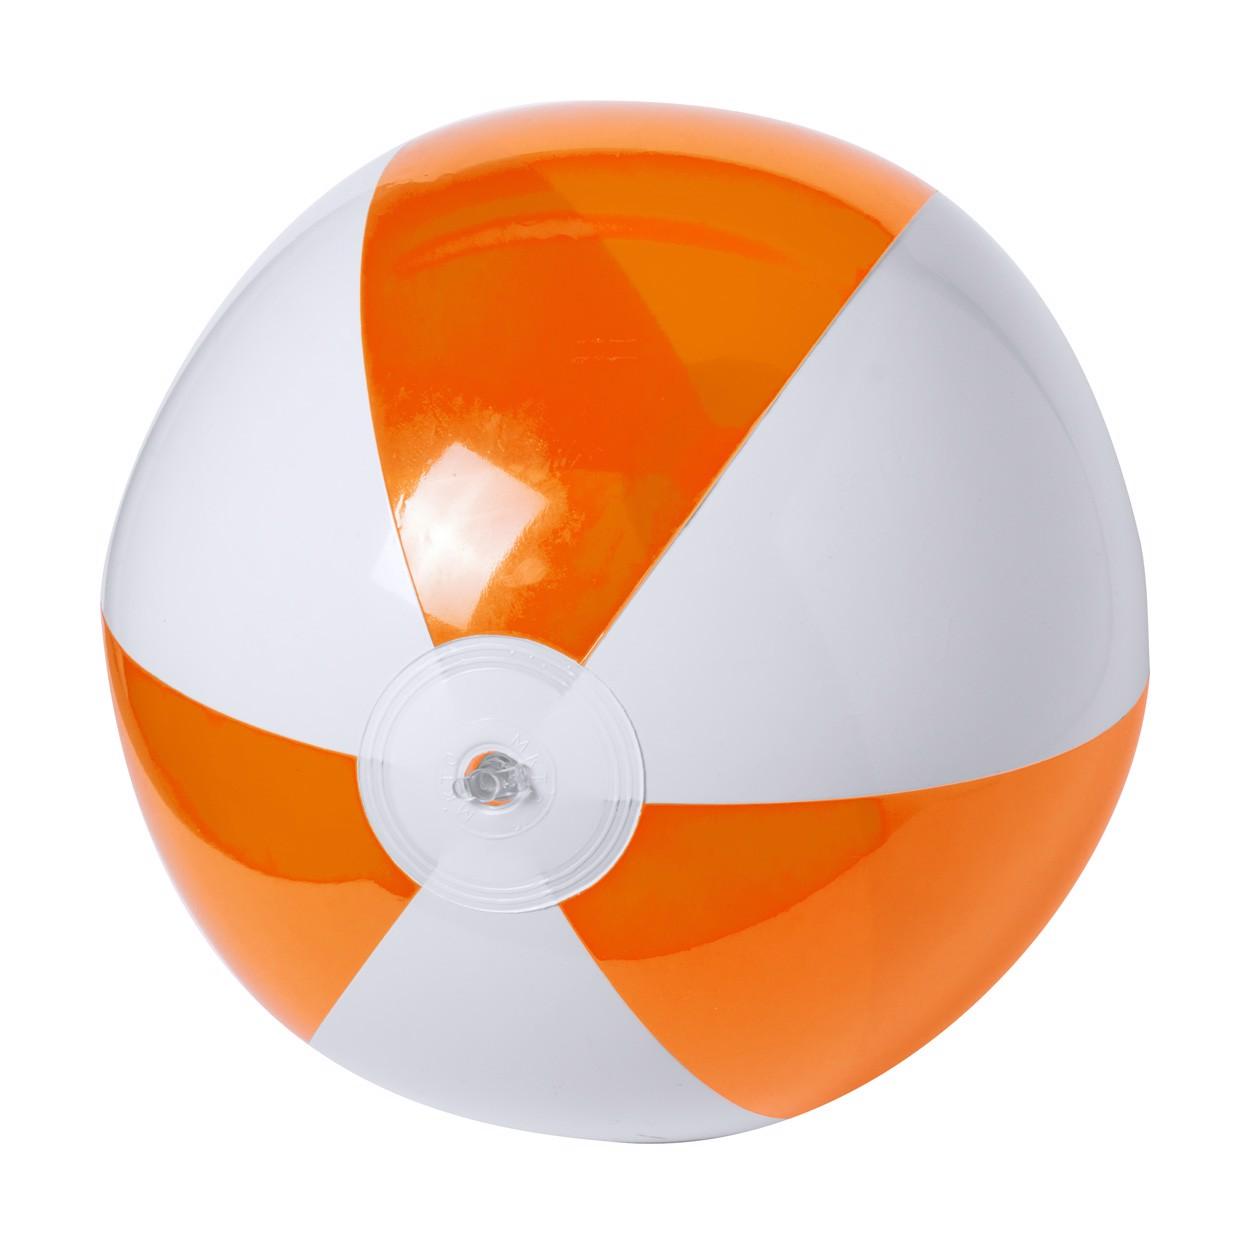 Plážový Míč (Ø28 Cm) Zeusty - Oranžová / Bílá